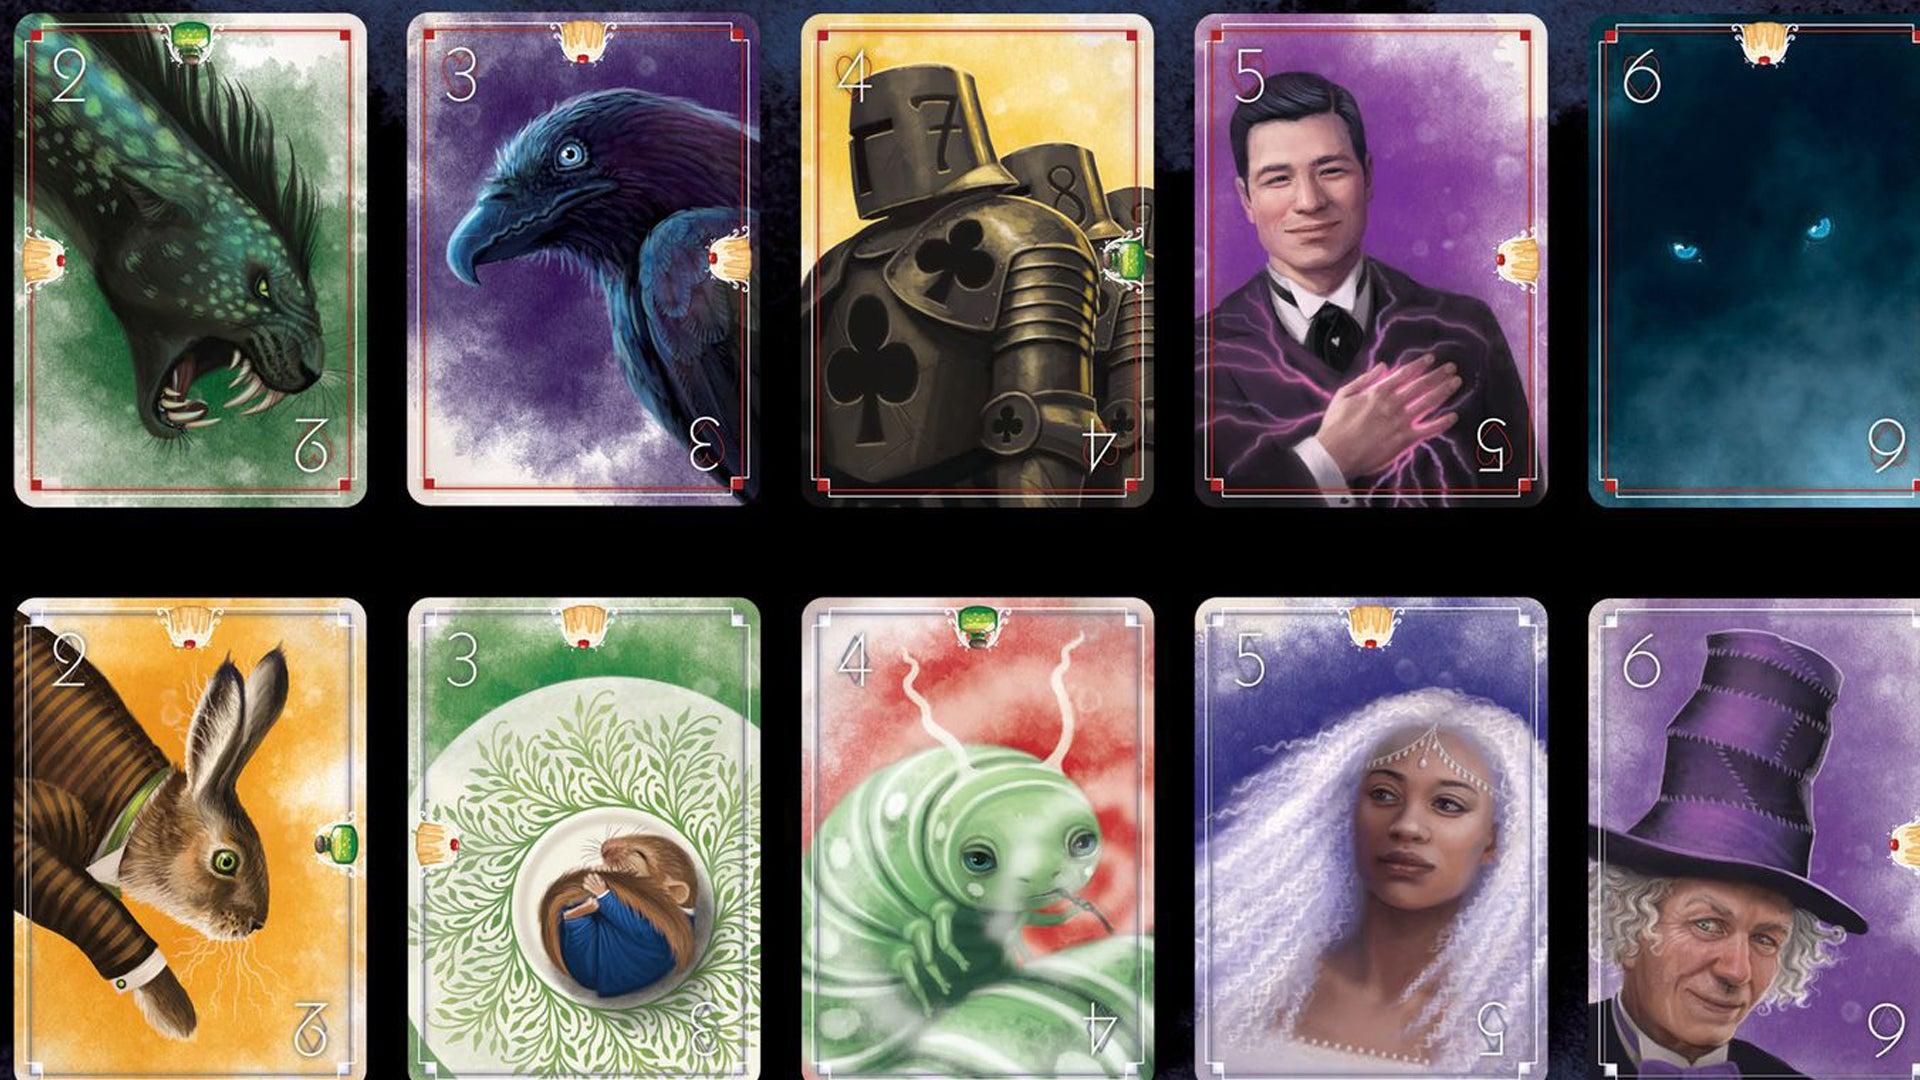 Wonderland board game cards